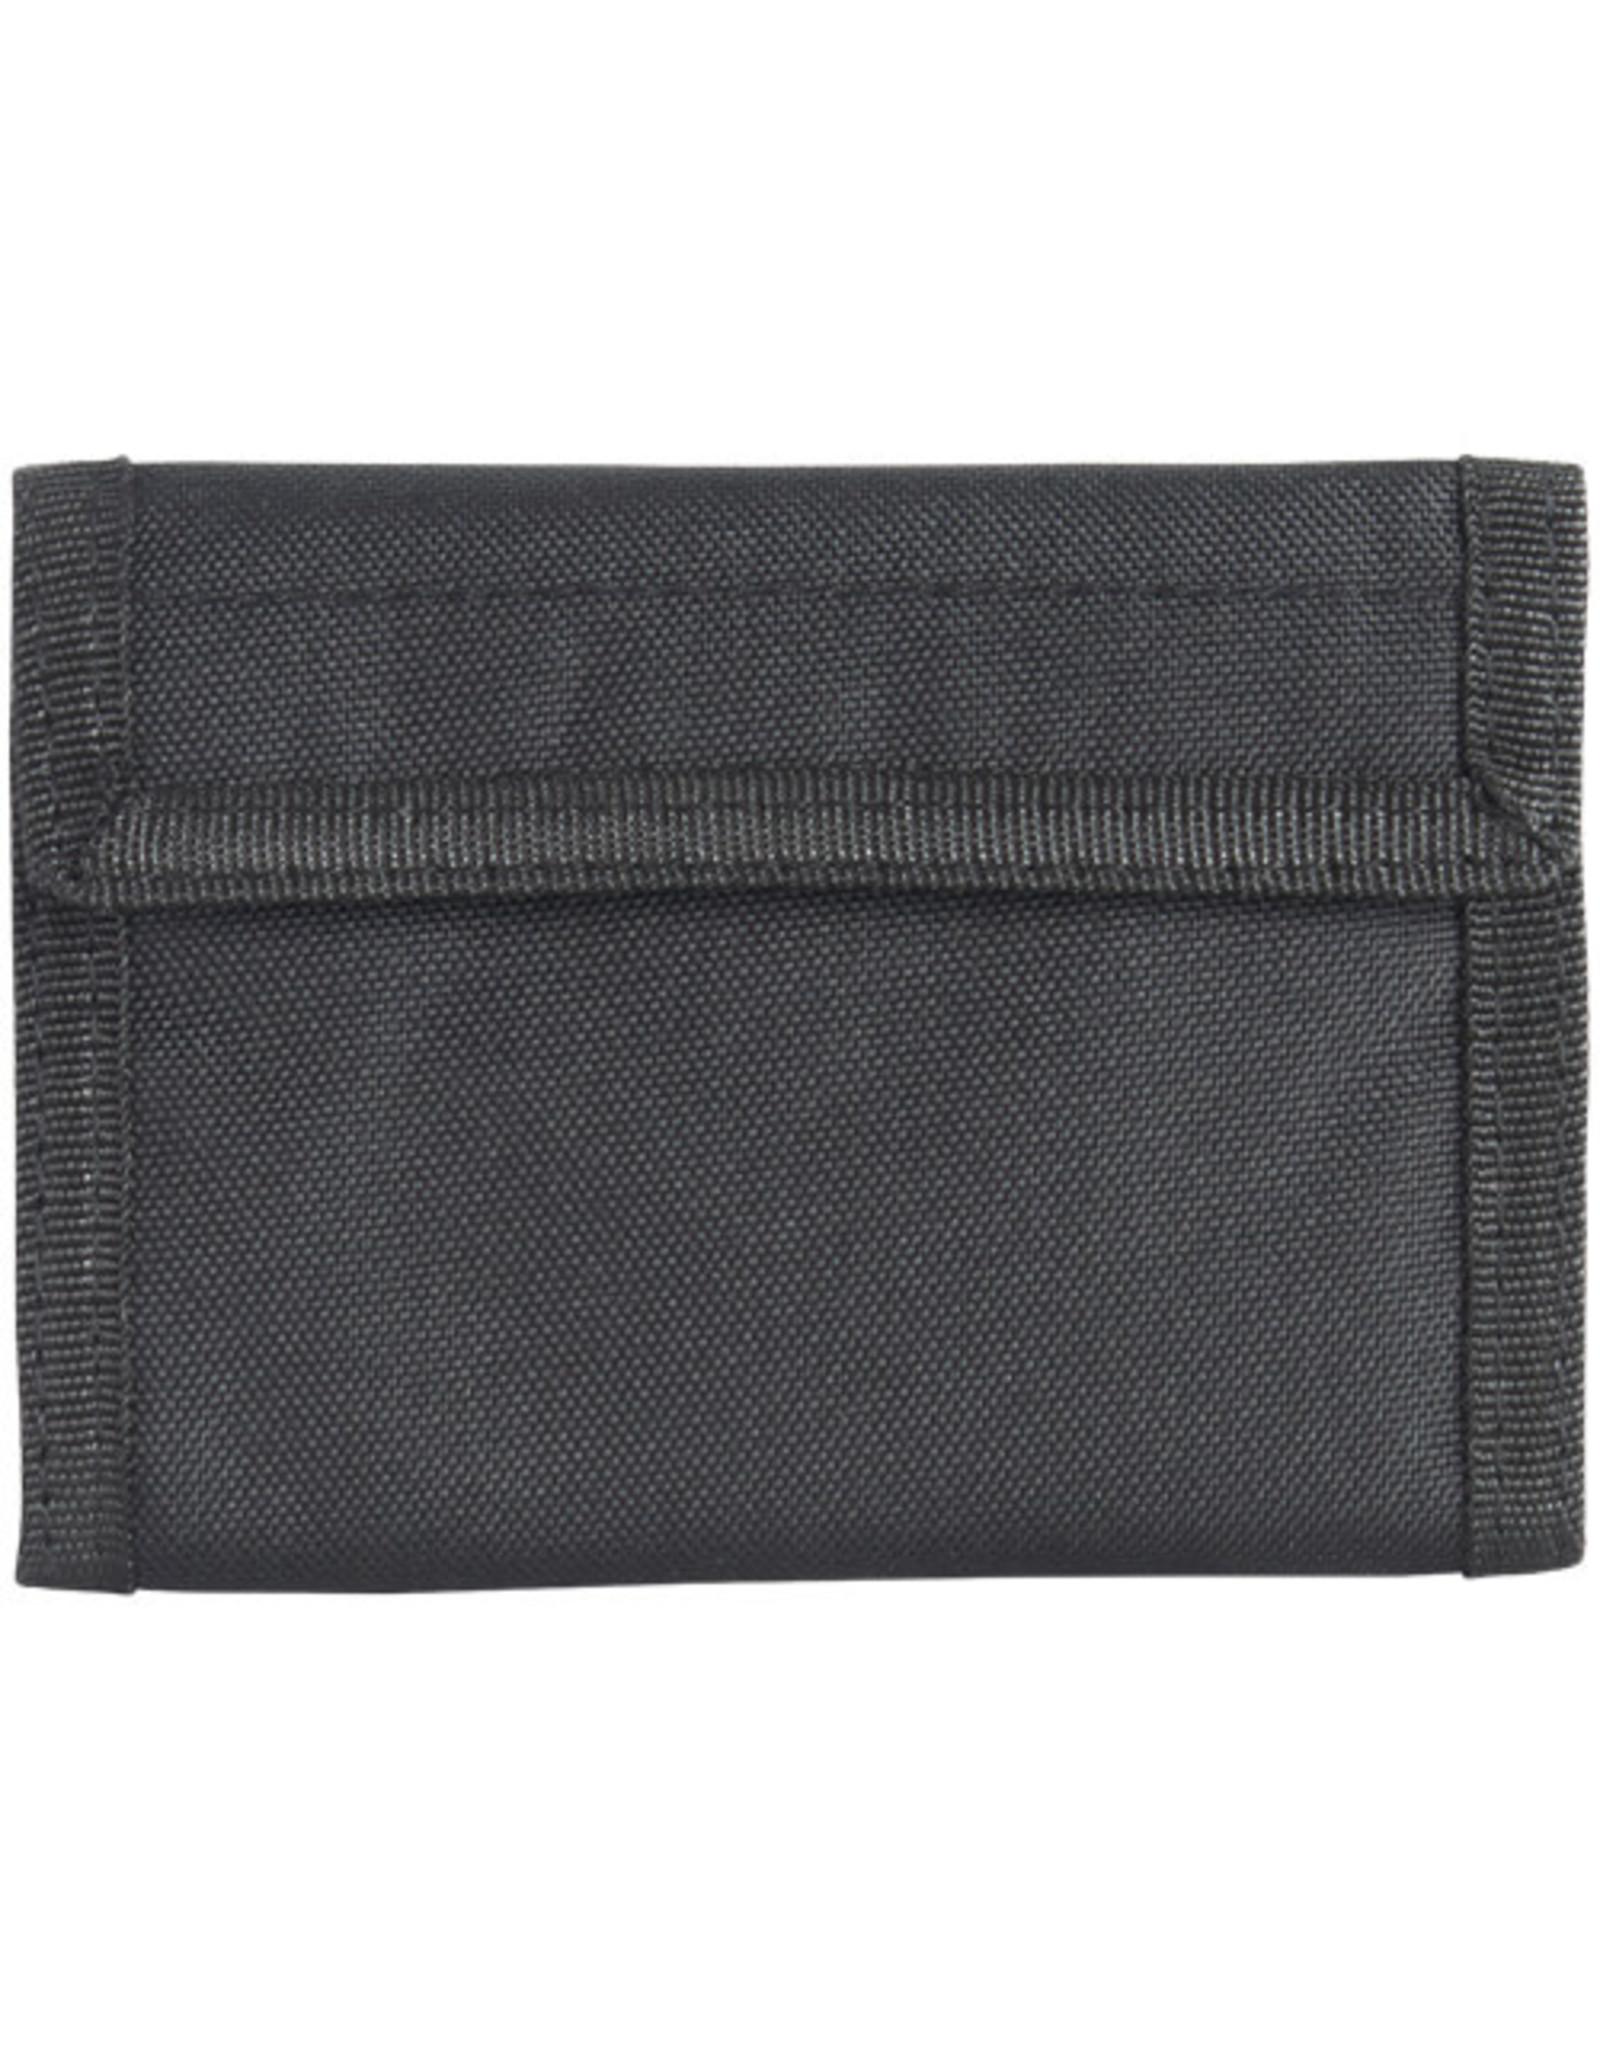 Fox Outdoor Products Wallet - Commando